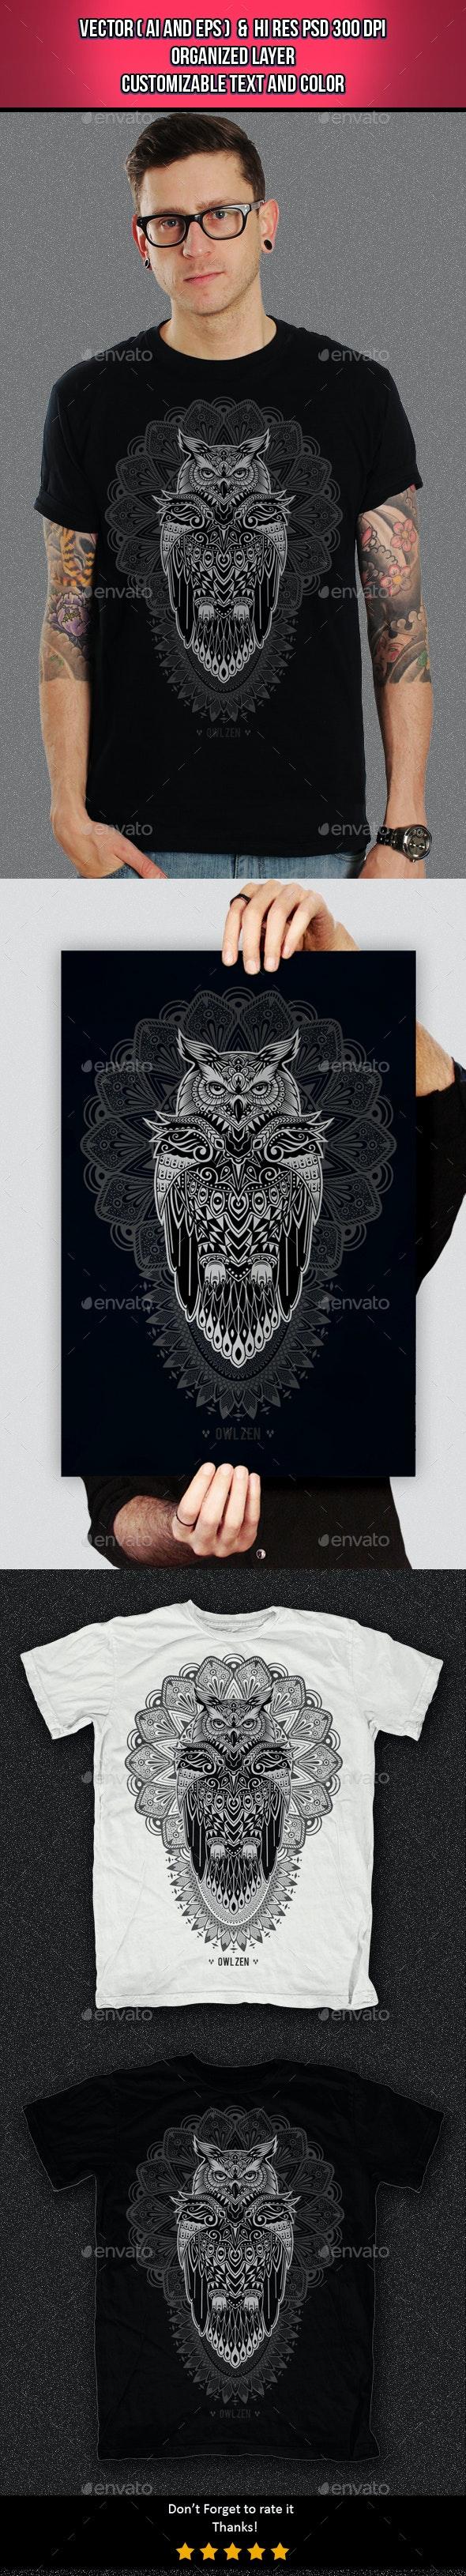 Owl Zen - Clean Designs